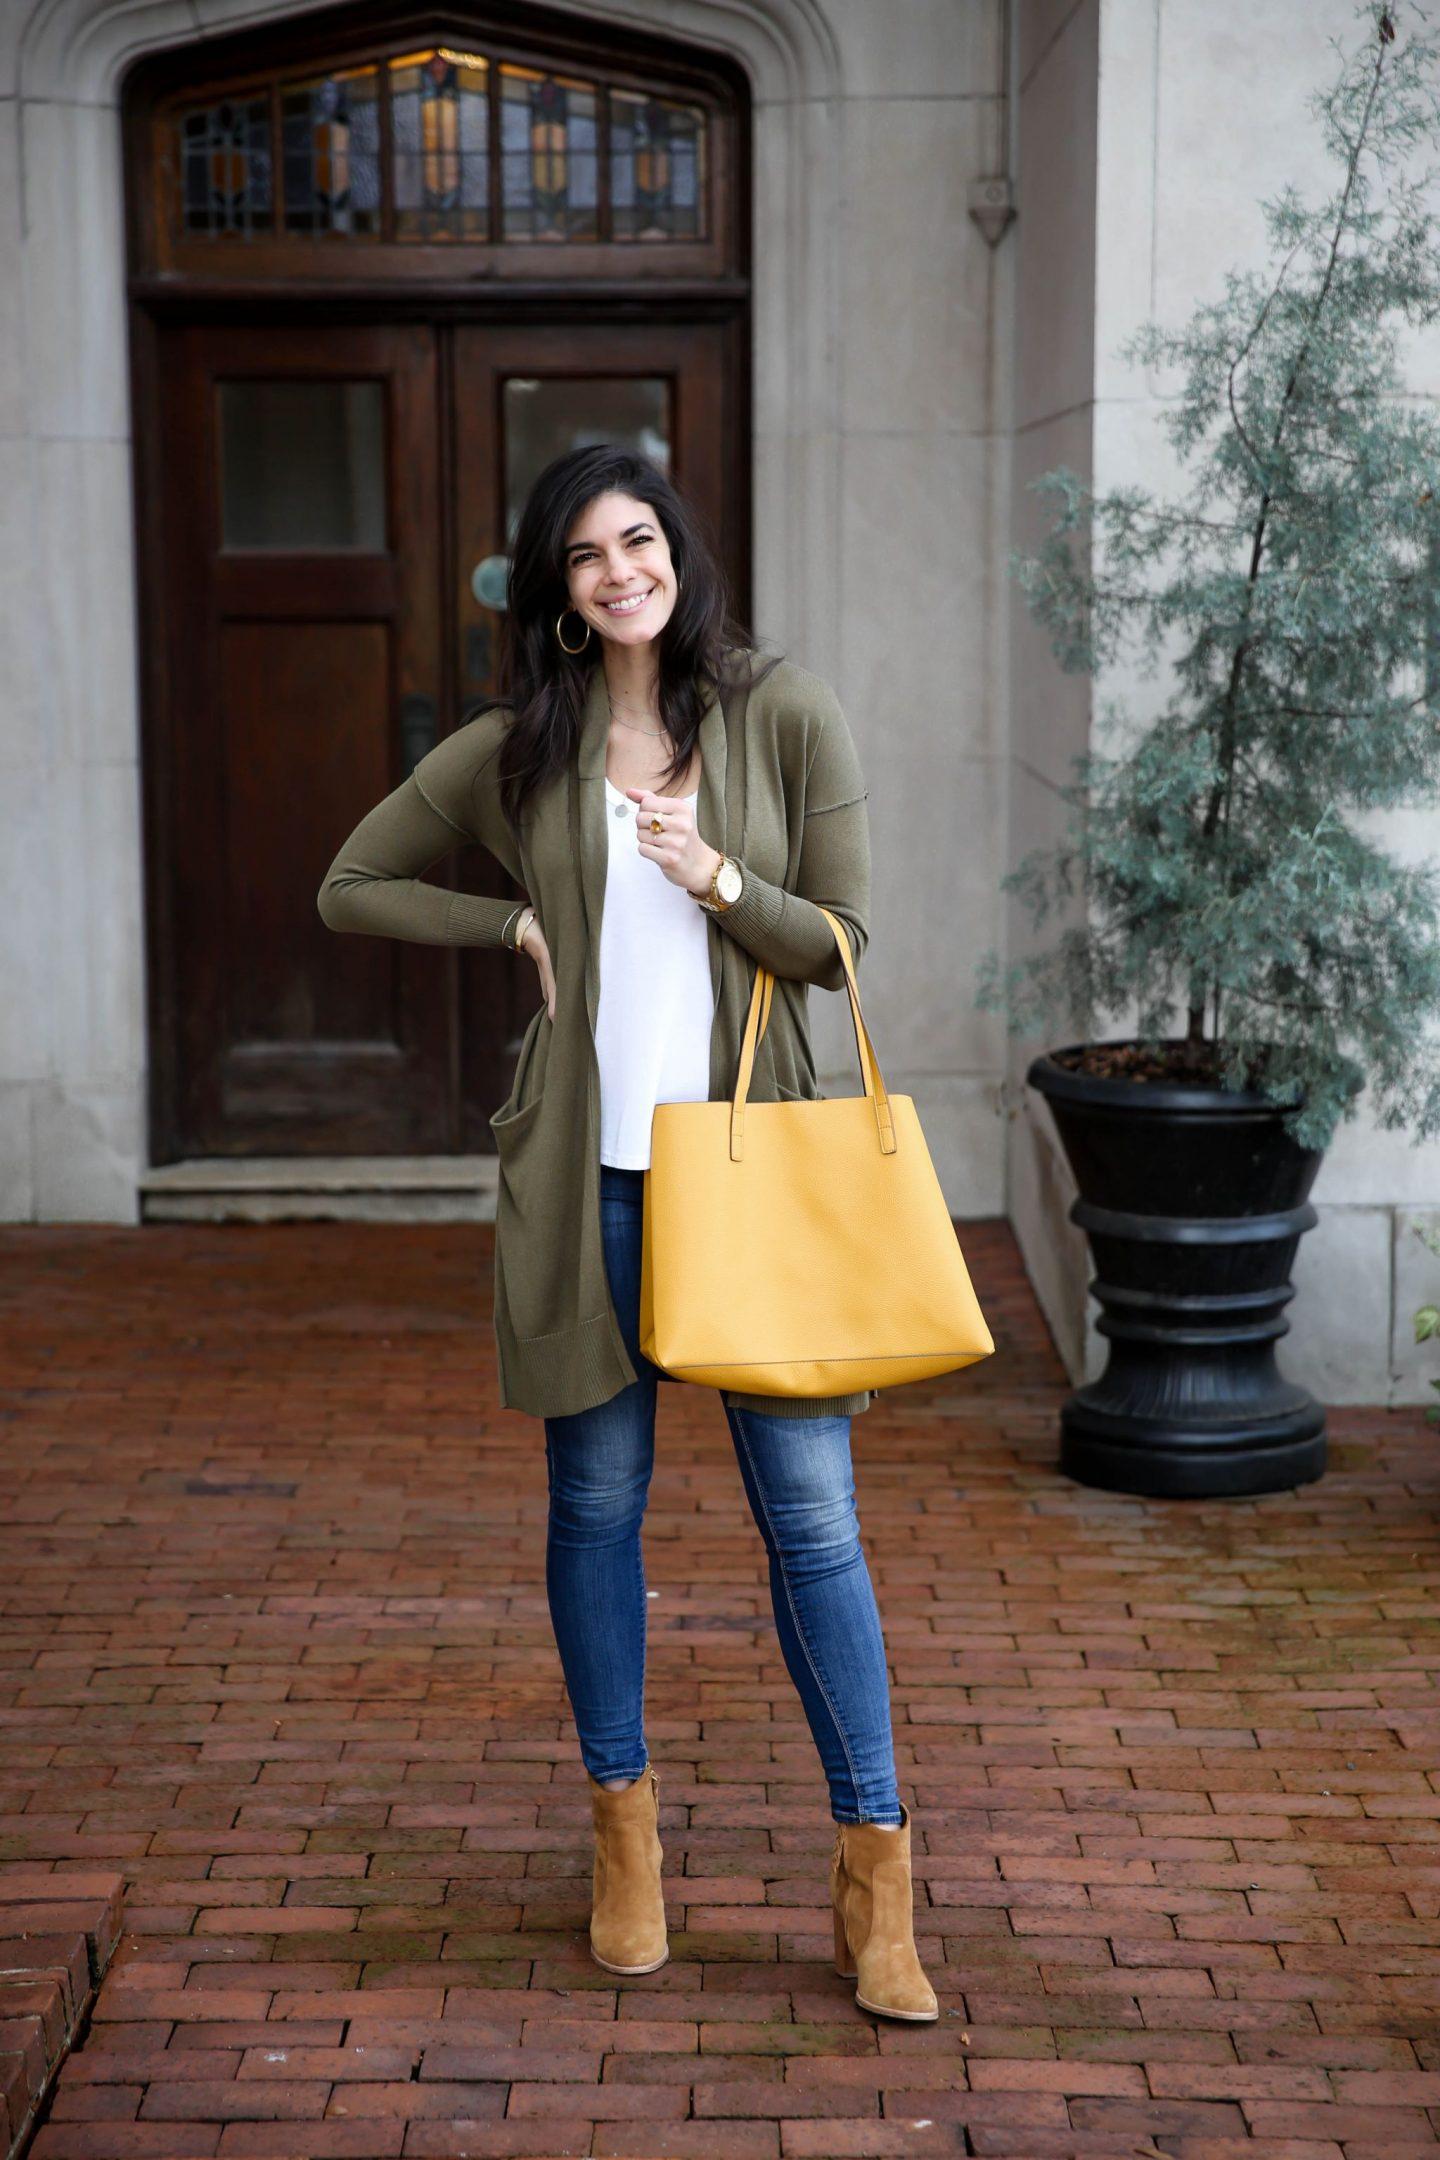 Yellow Tote - Statement Bag - Lauren Schwaiger Style Blog